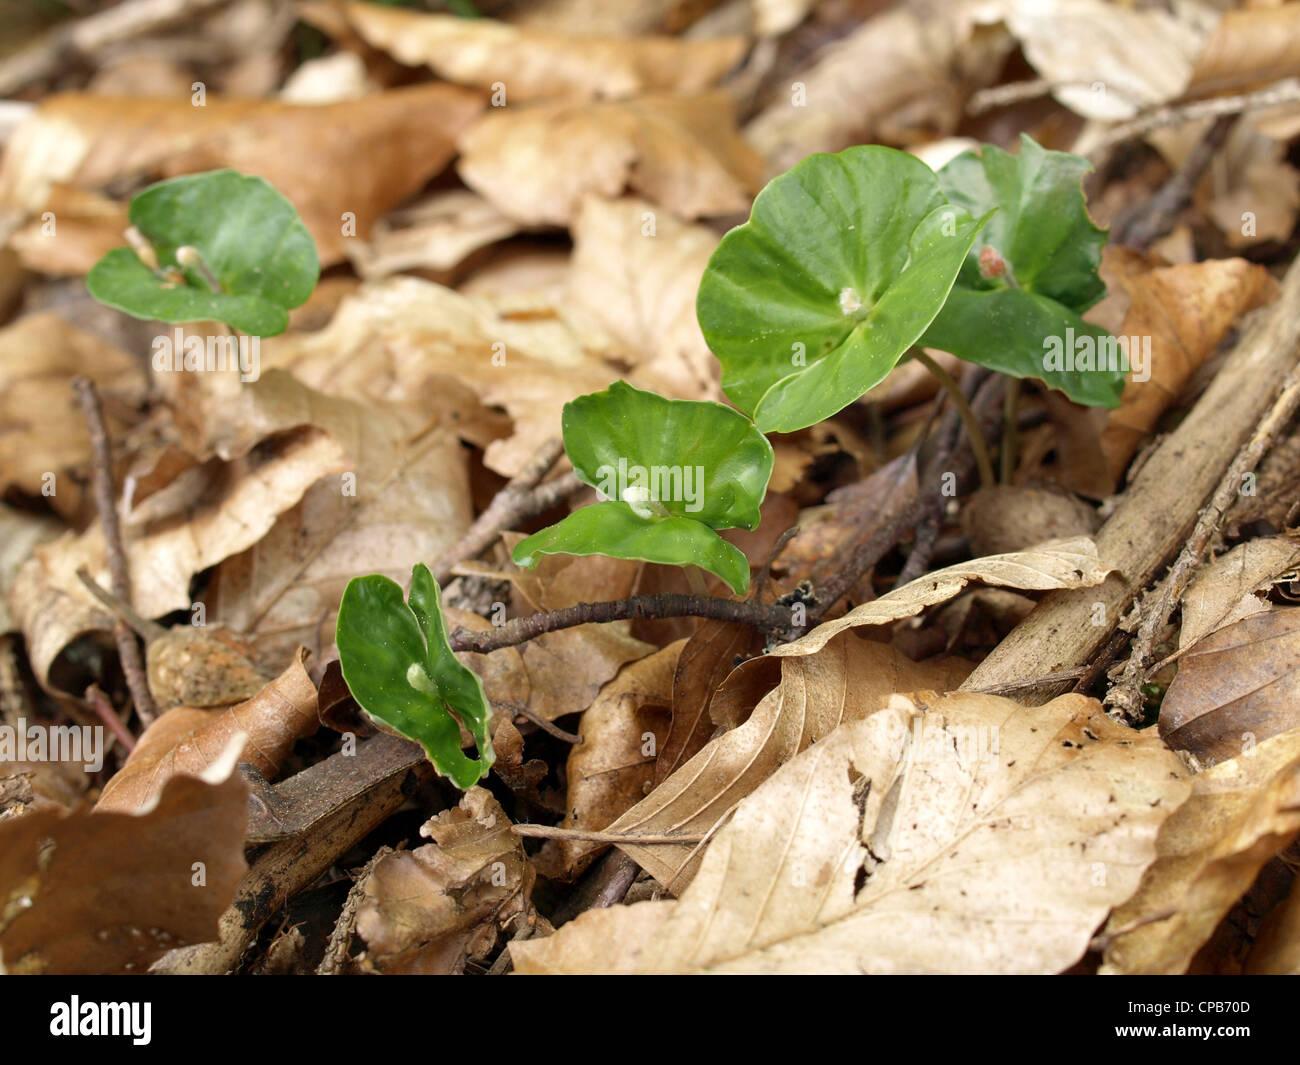 seedlings from beech trees / Fagus / Setzlinge von Buchen - Stock Image